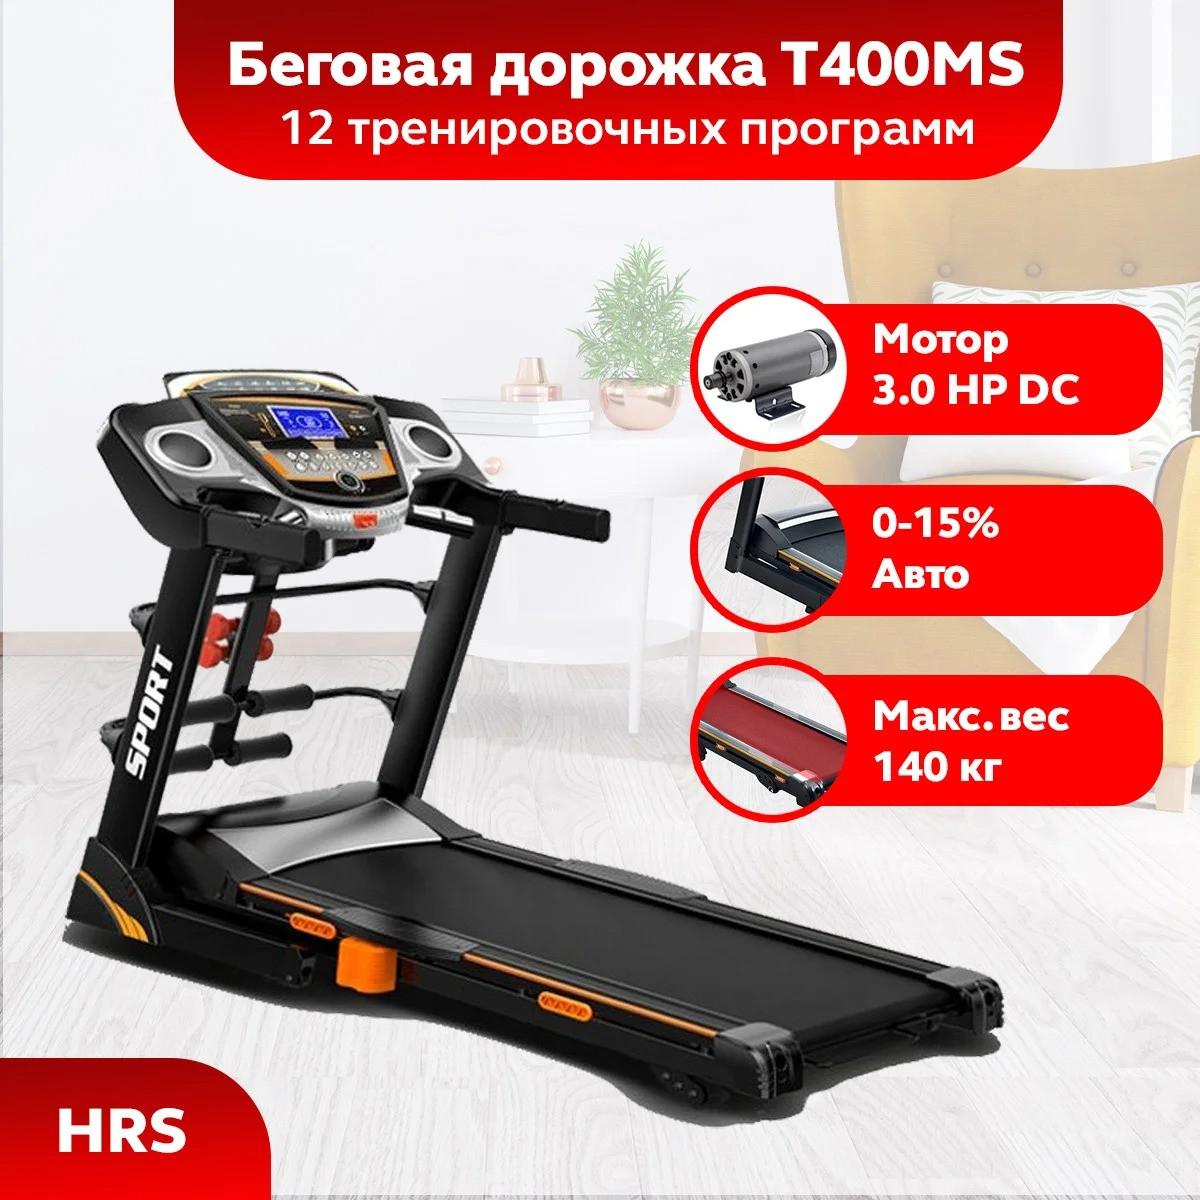 Електрична бігова доріжка HRS T400MS + гантелі і пояс-масажер, для дому